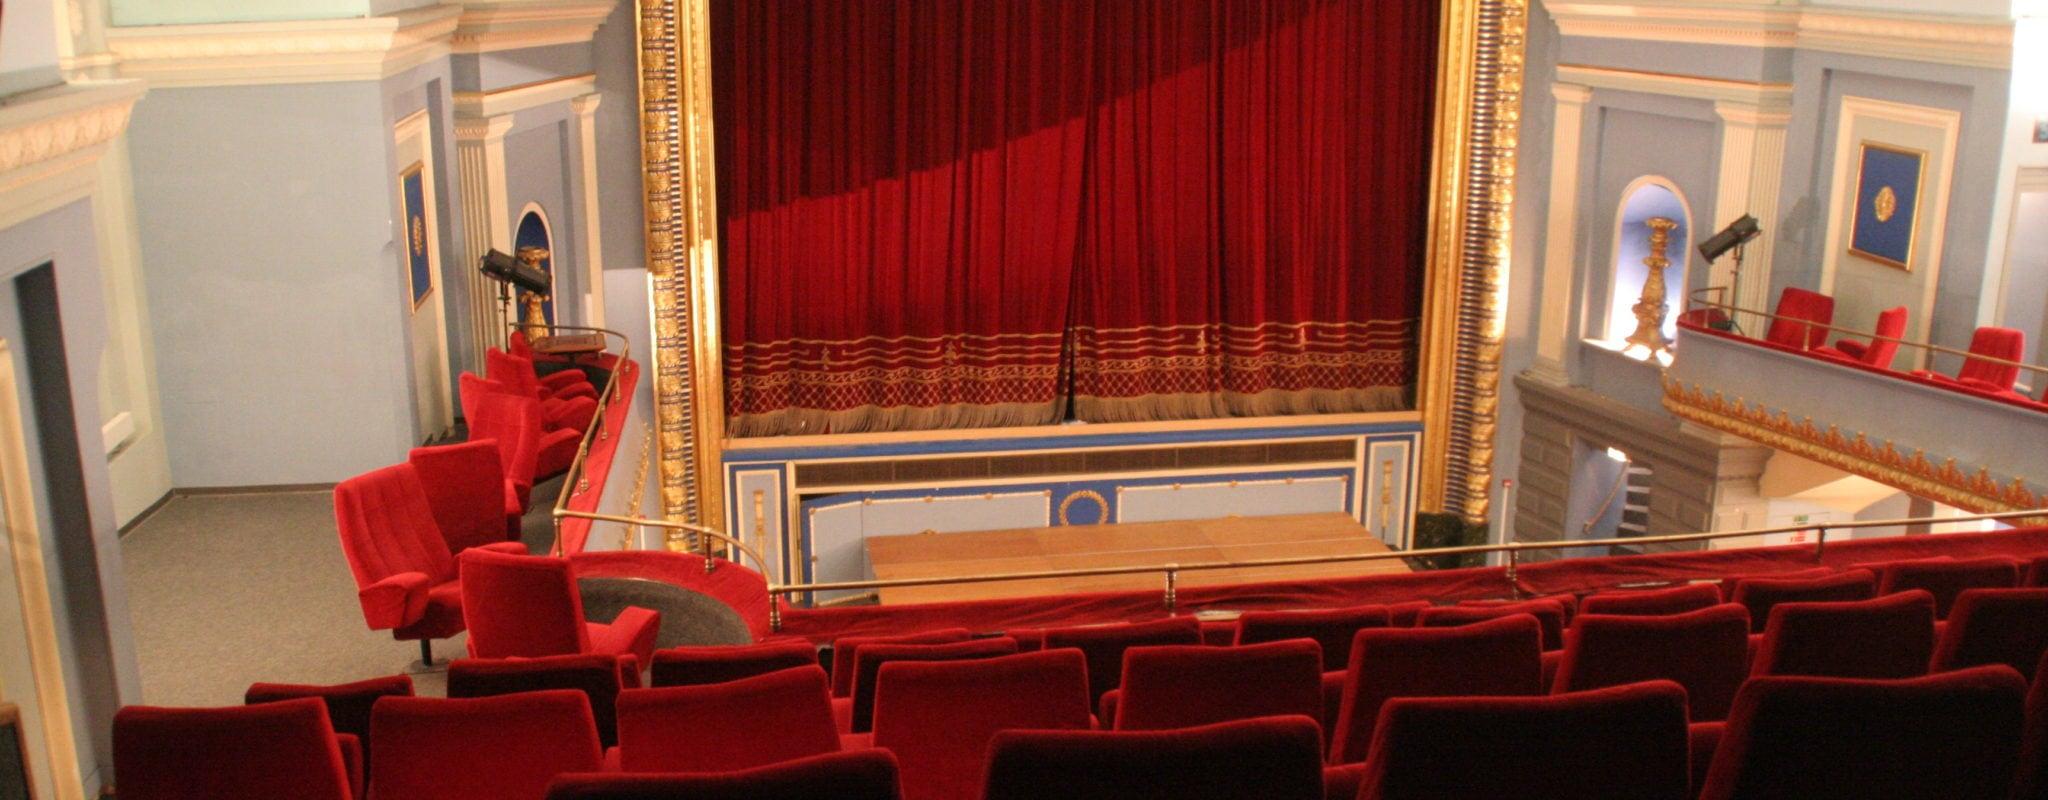 Au moins trois candidats pour reprendre le cinéma Odyssée en 2022